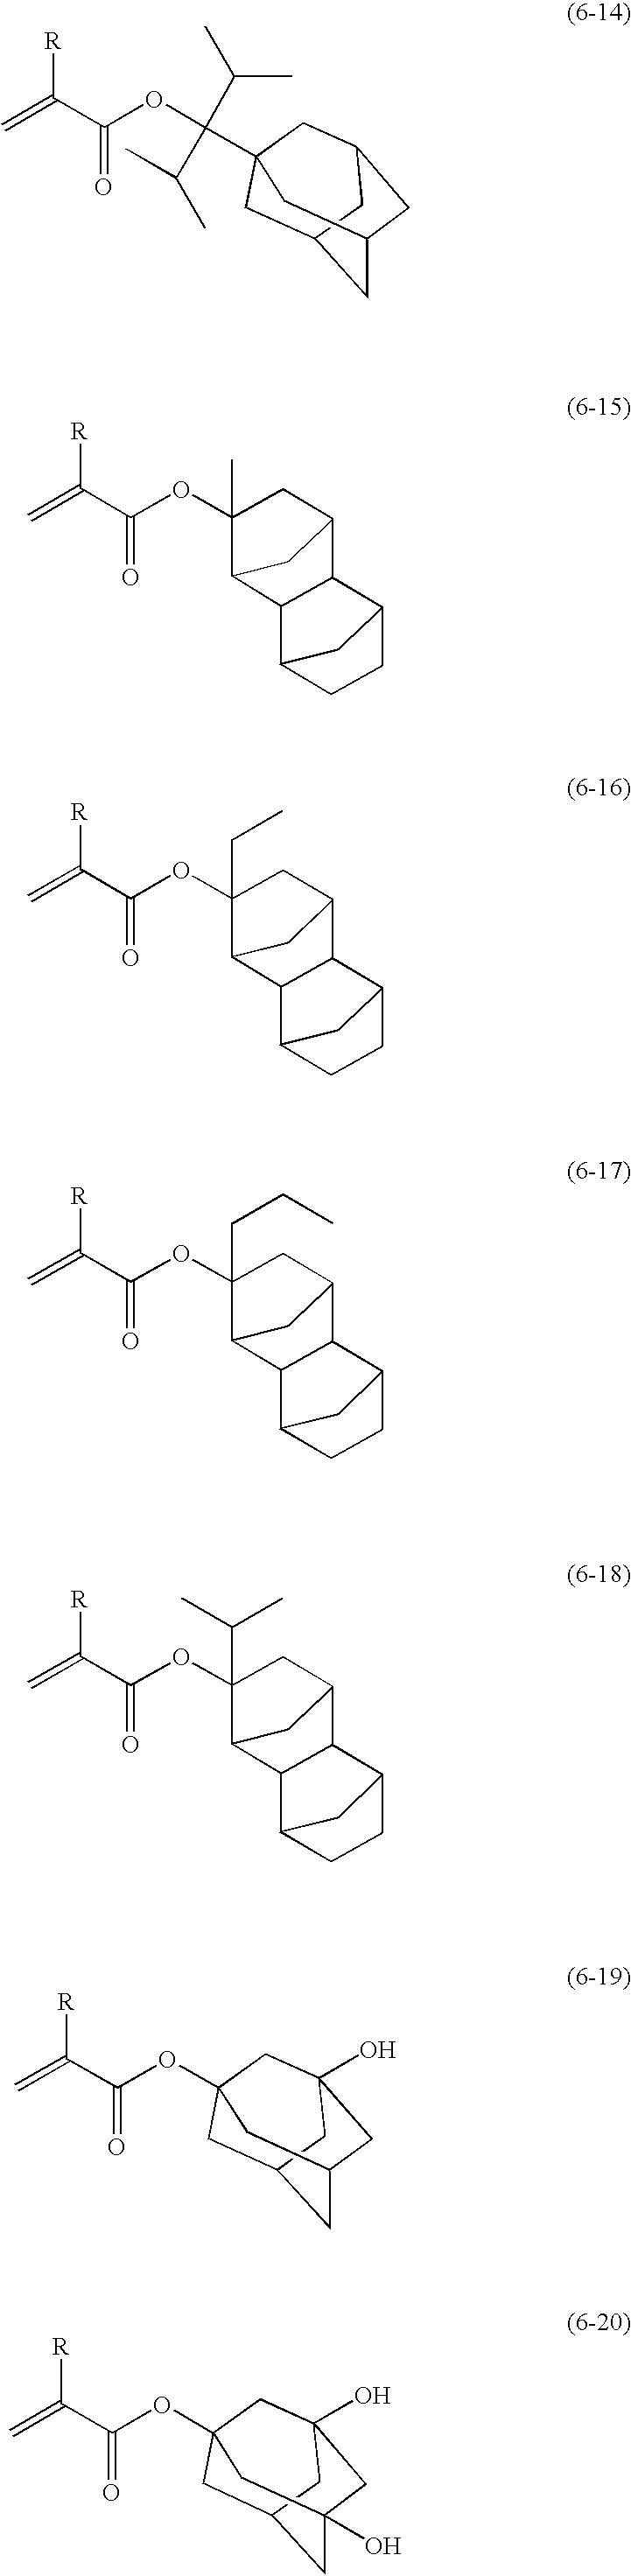 Figure US08114949-20120214-C00045